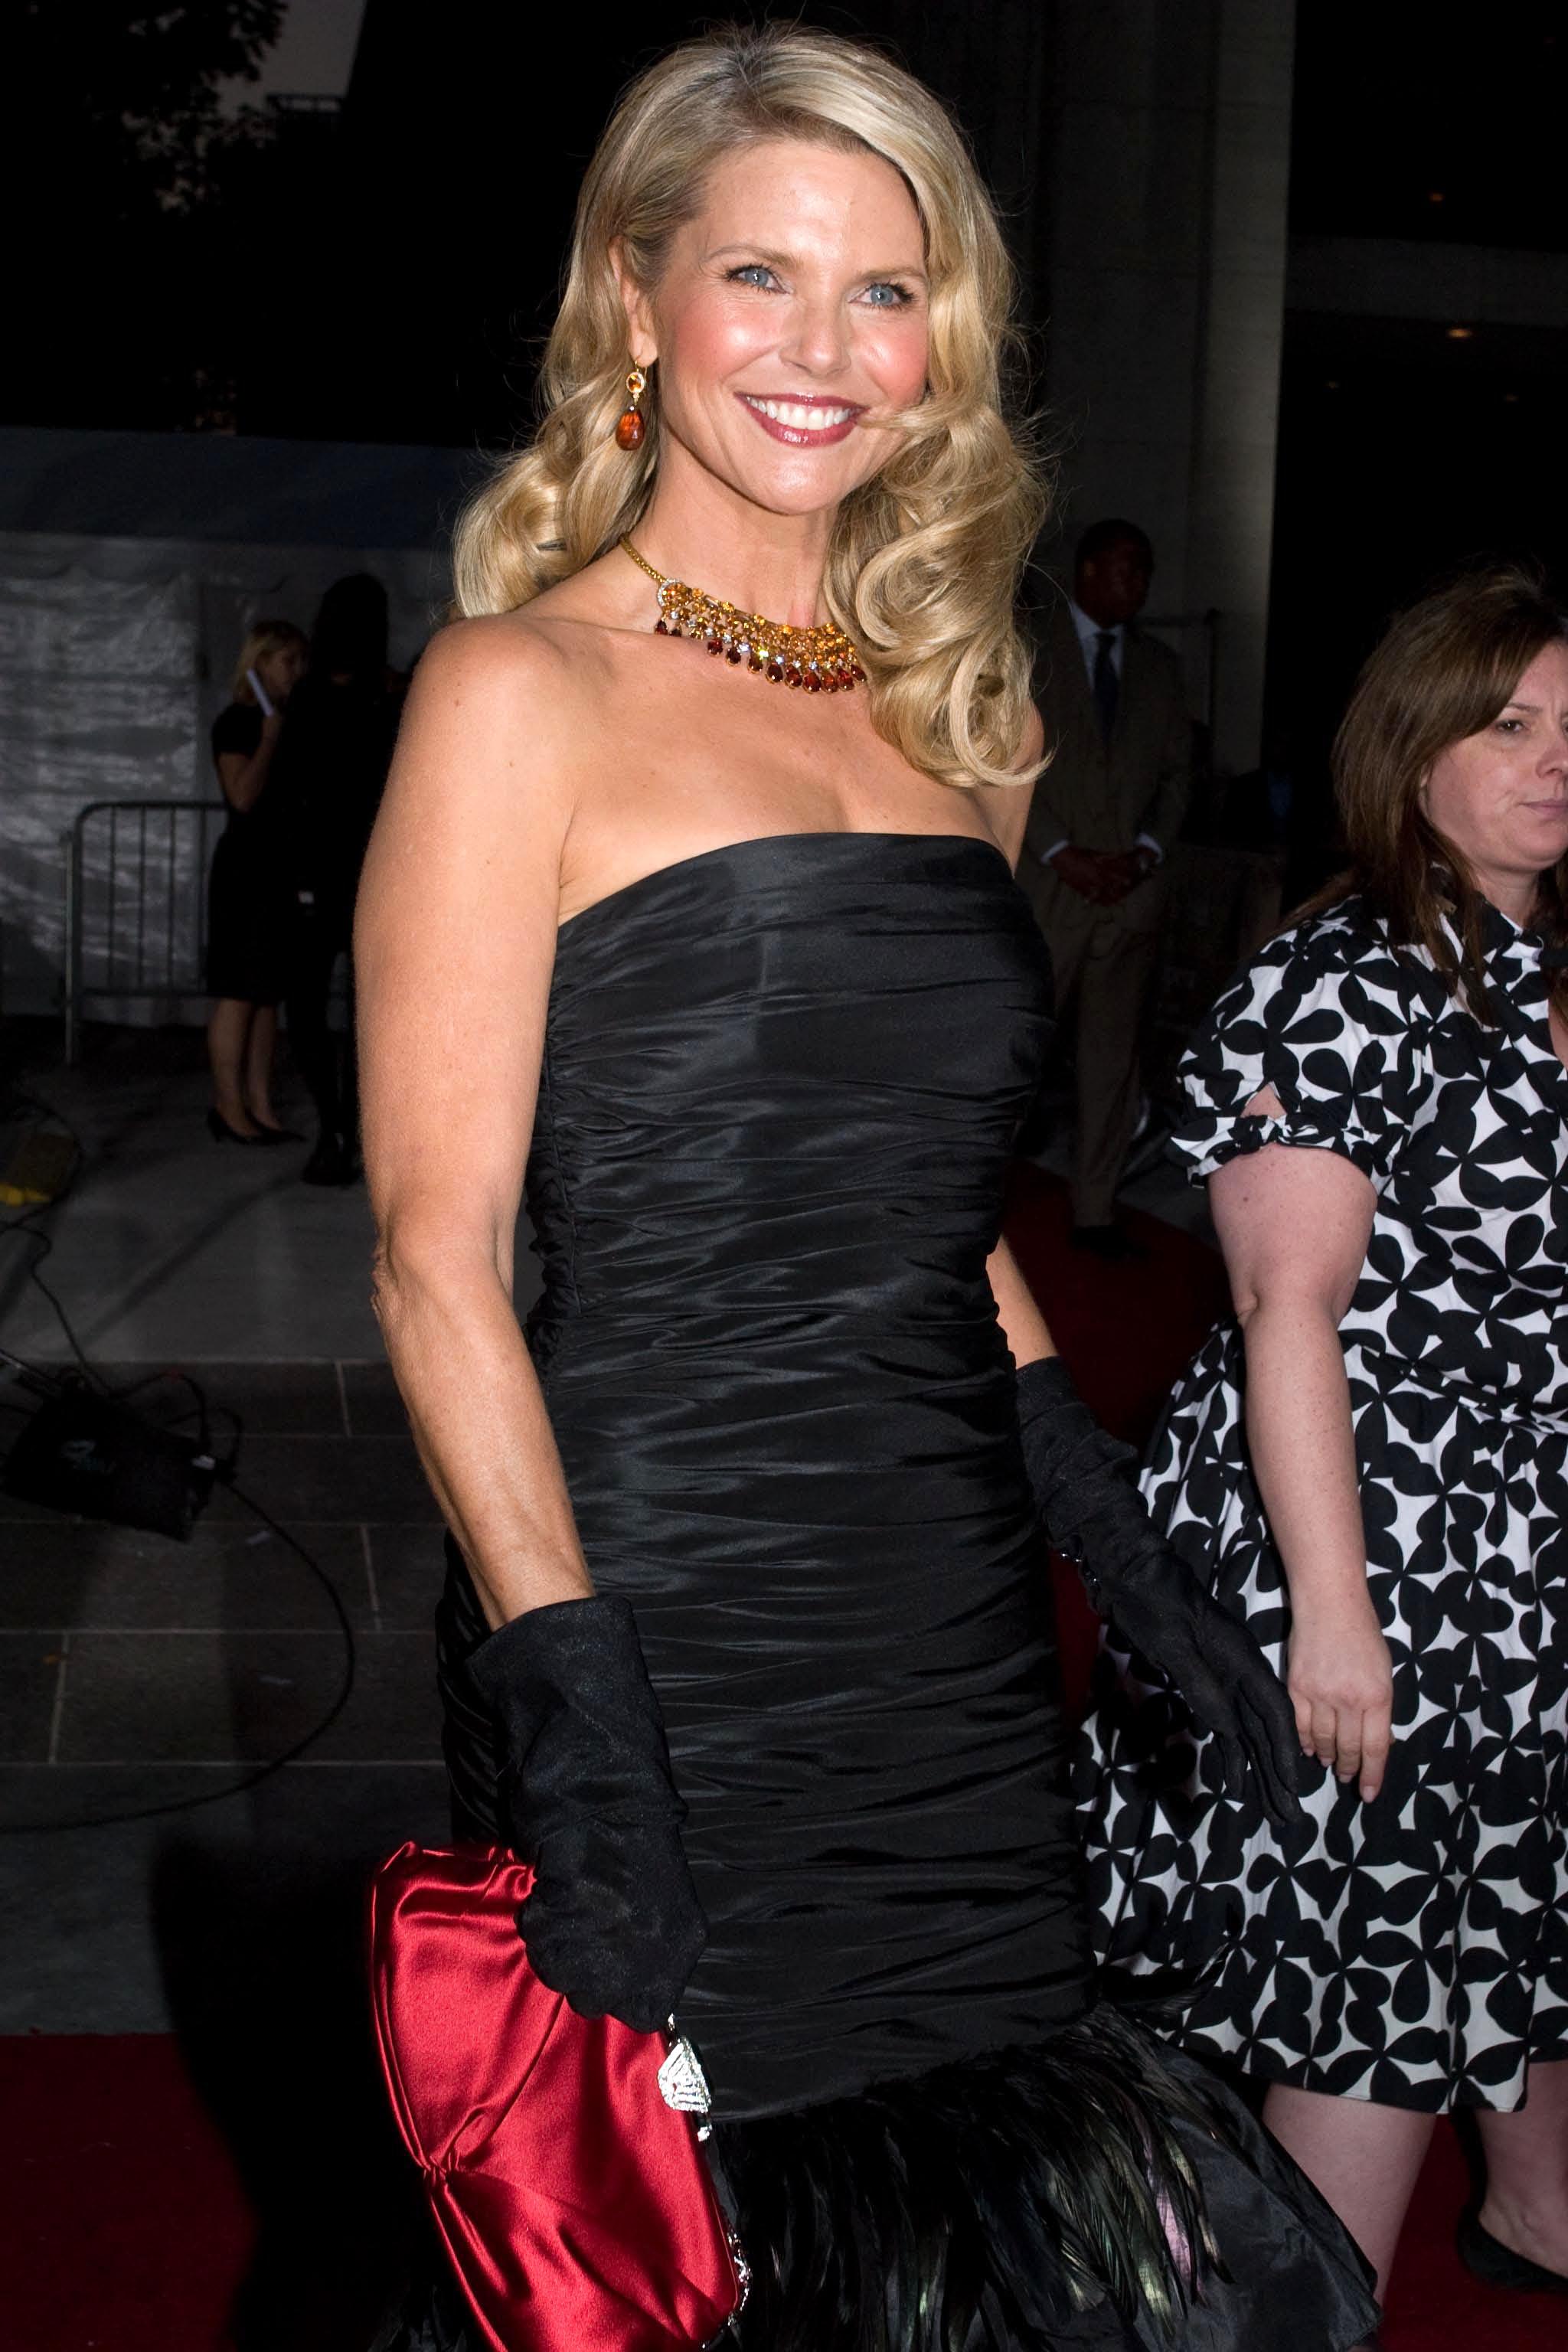 Description Christie Brinkley at Met Opera 4.jpg